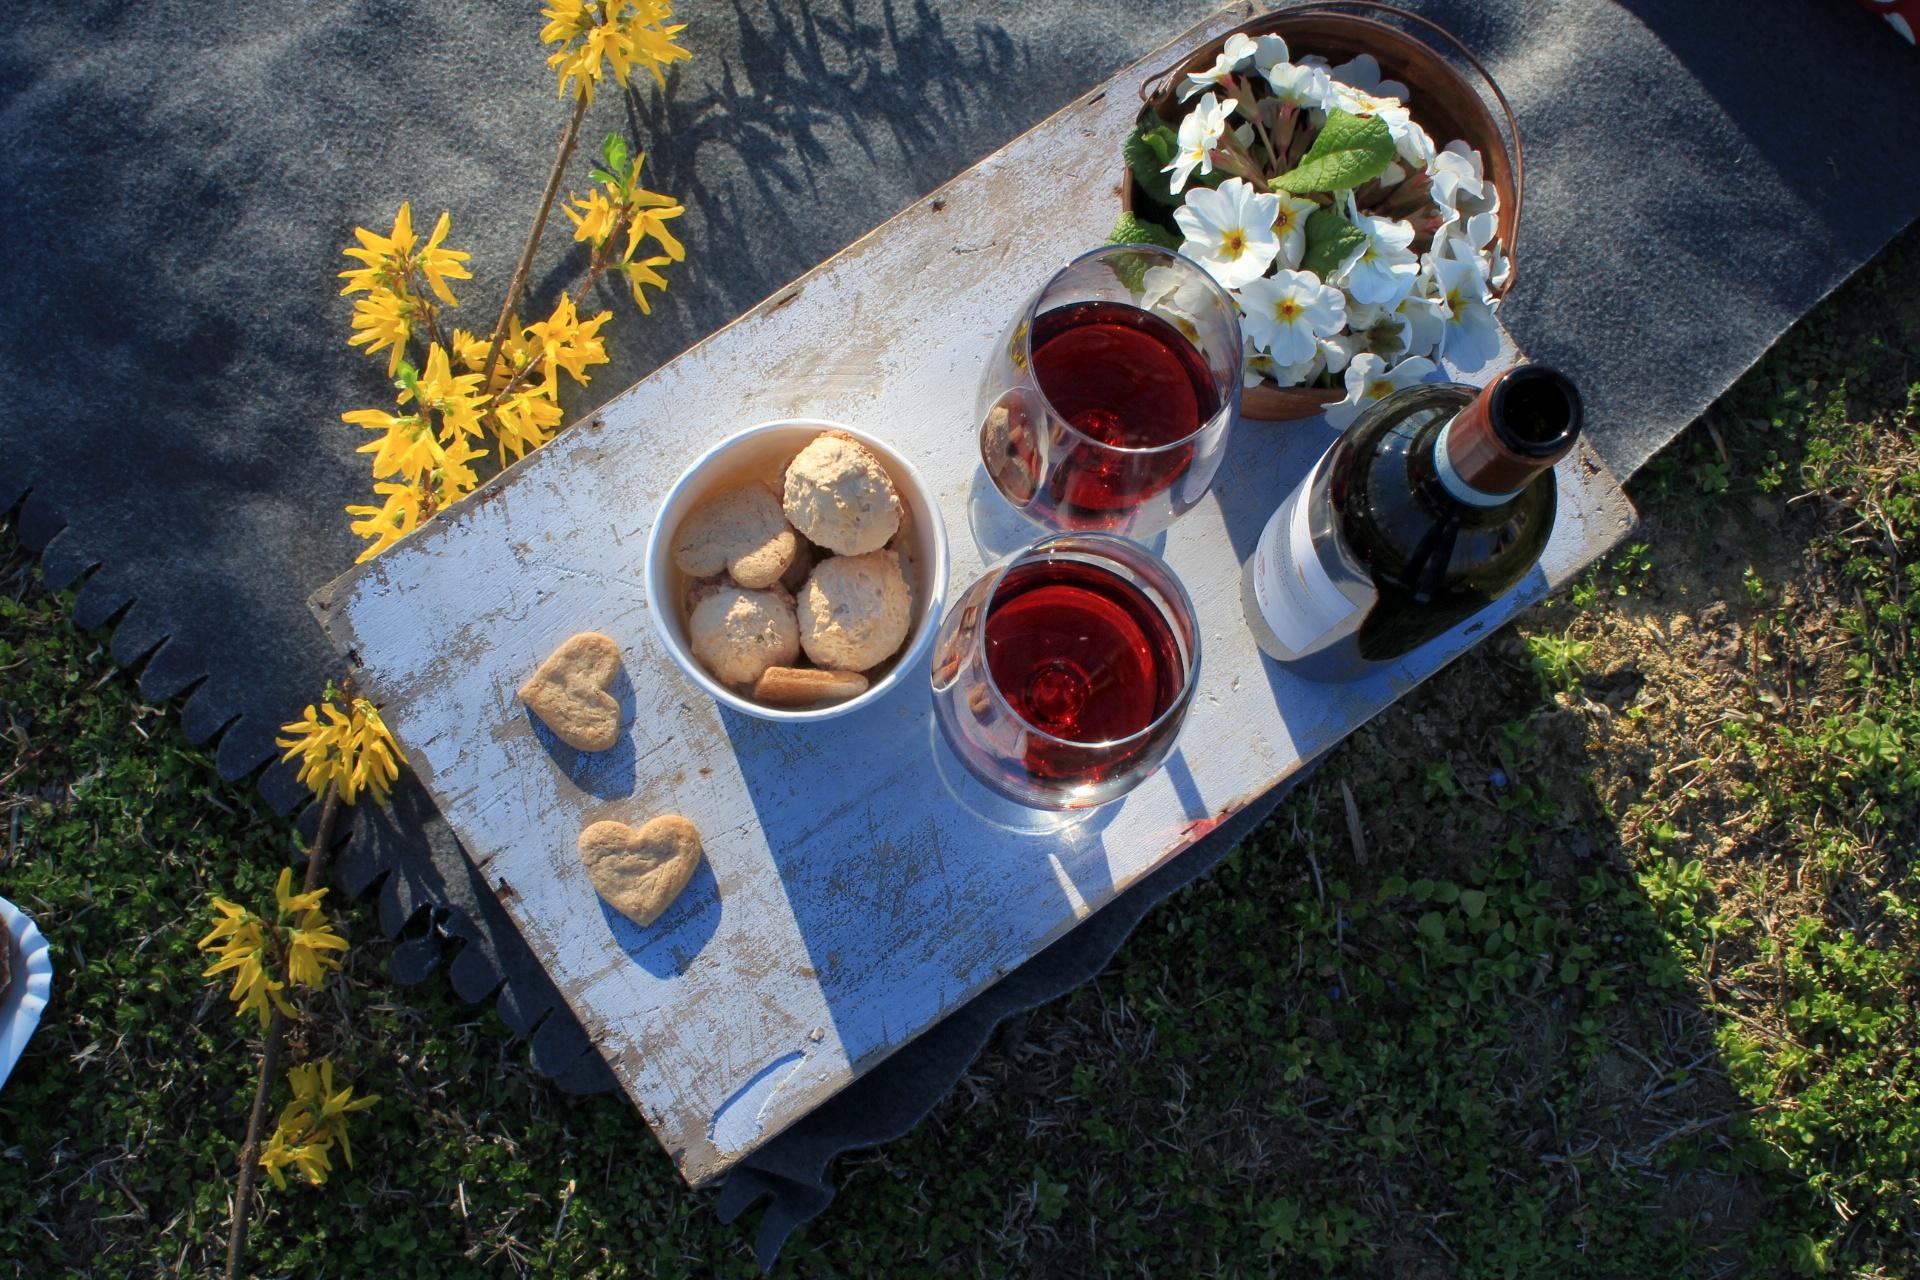 Degustazione dei Vini Cerola guidata da un esperto sommelier